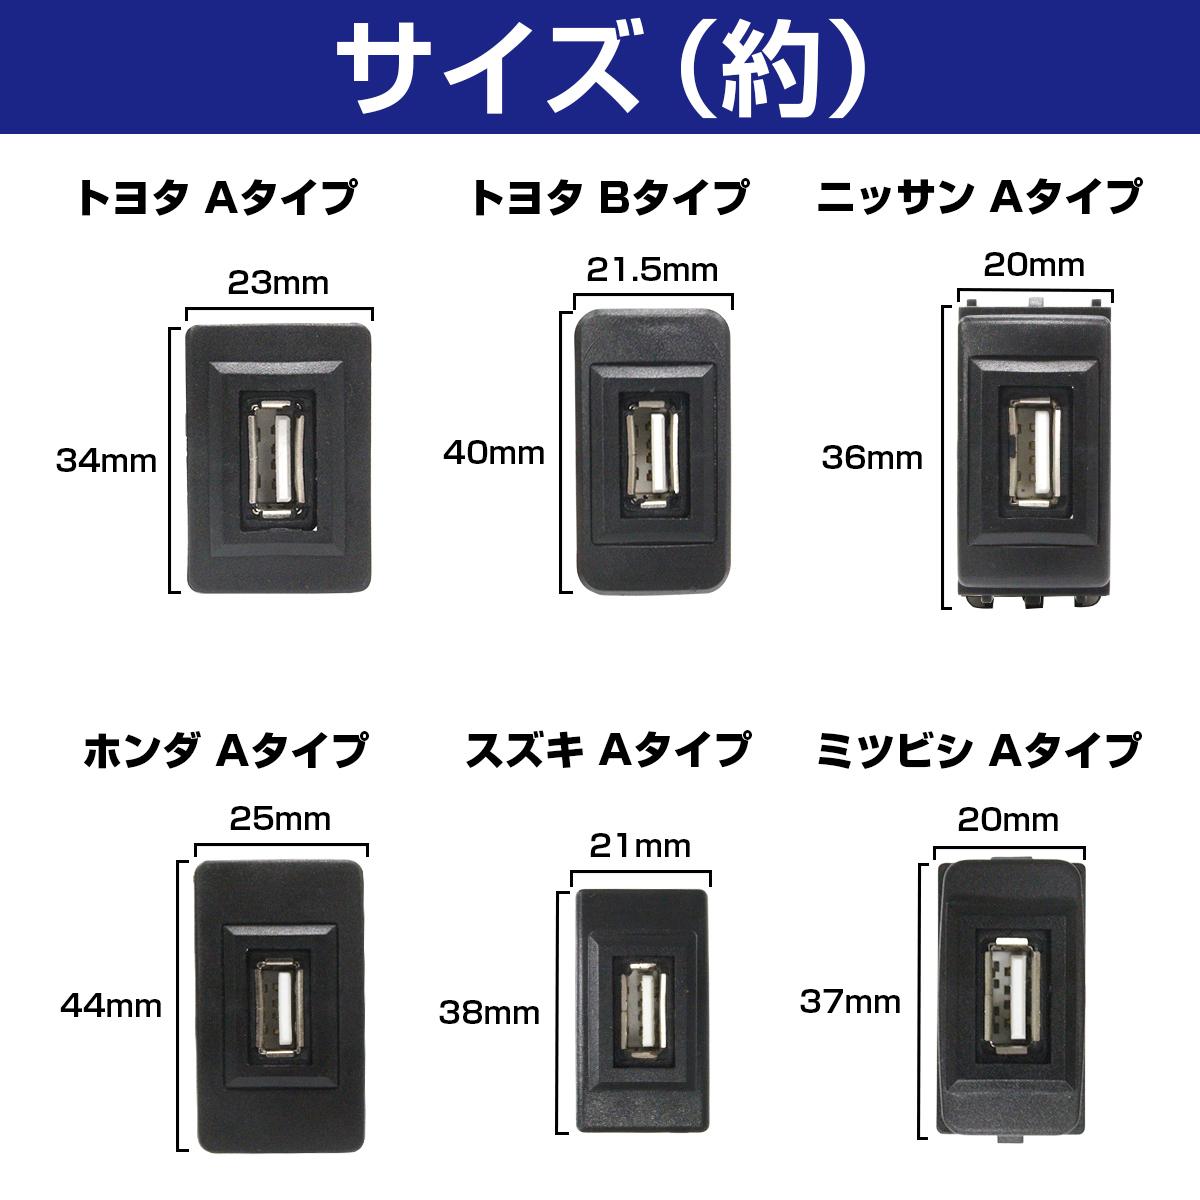 【トヨタAタイプ】 ラクティス 100系 H17.10~H22.10 純正風♪ USB接続通信パネル 配線付 USB1ポート 埋め込み 増設USBケーブル 2.1A 12V_画像5